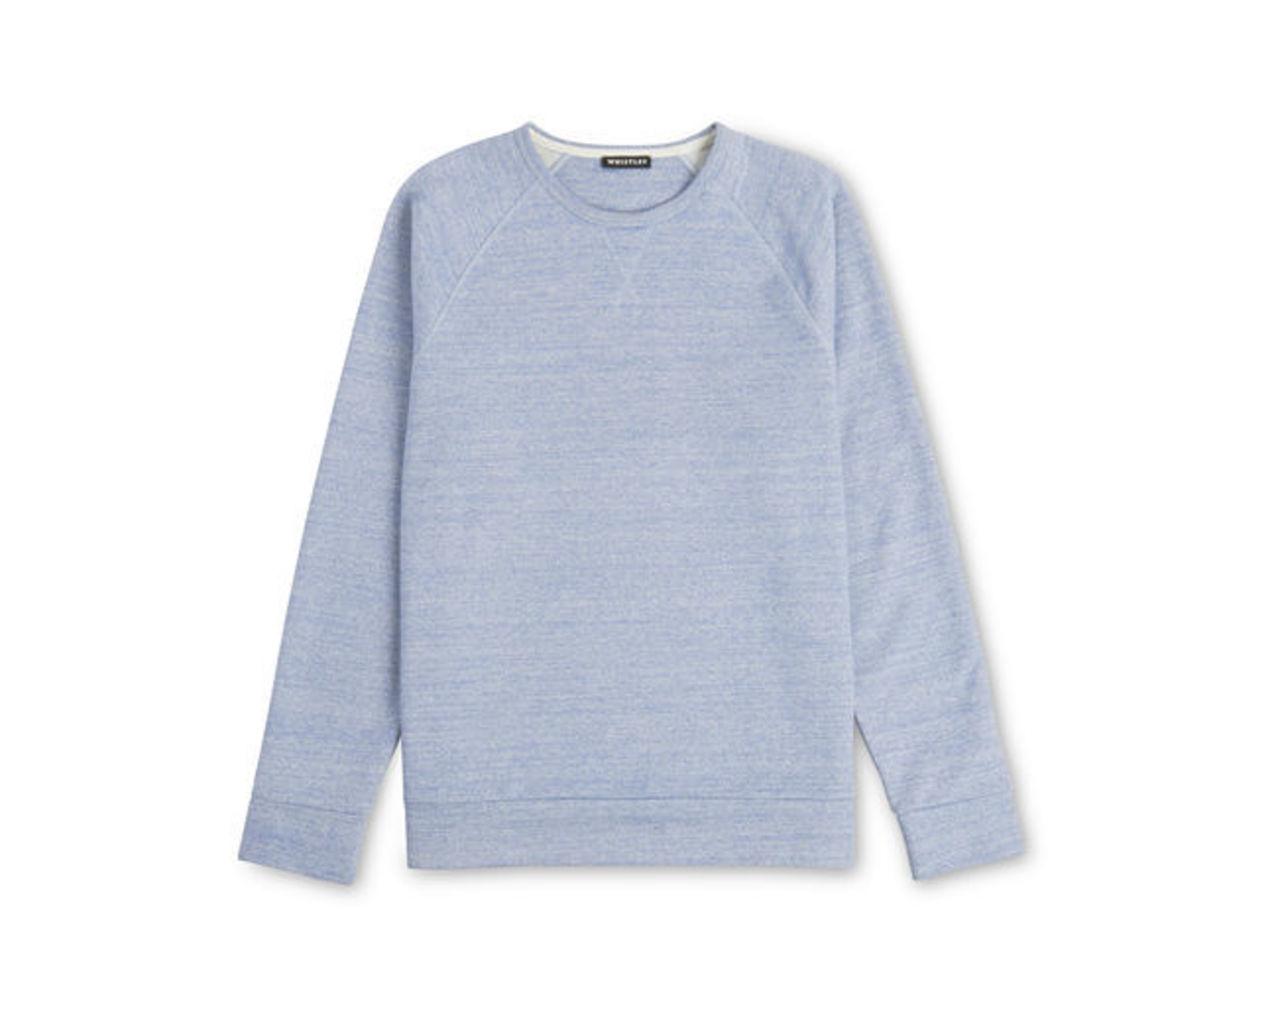 Marl Sweatshirt